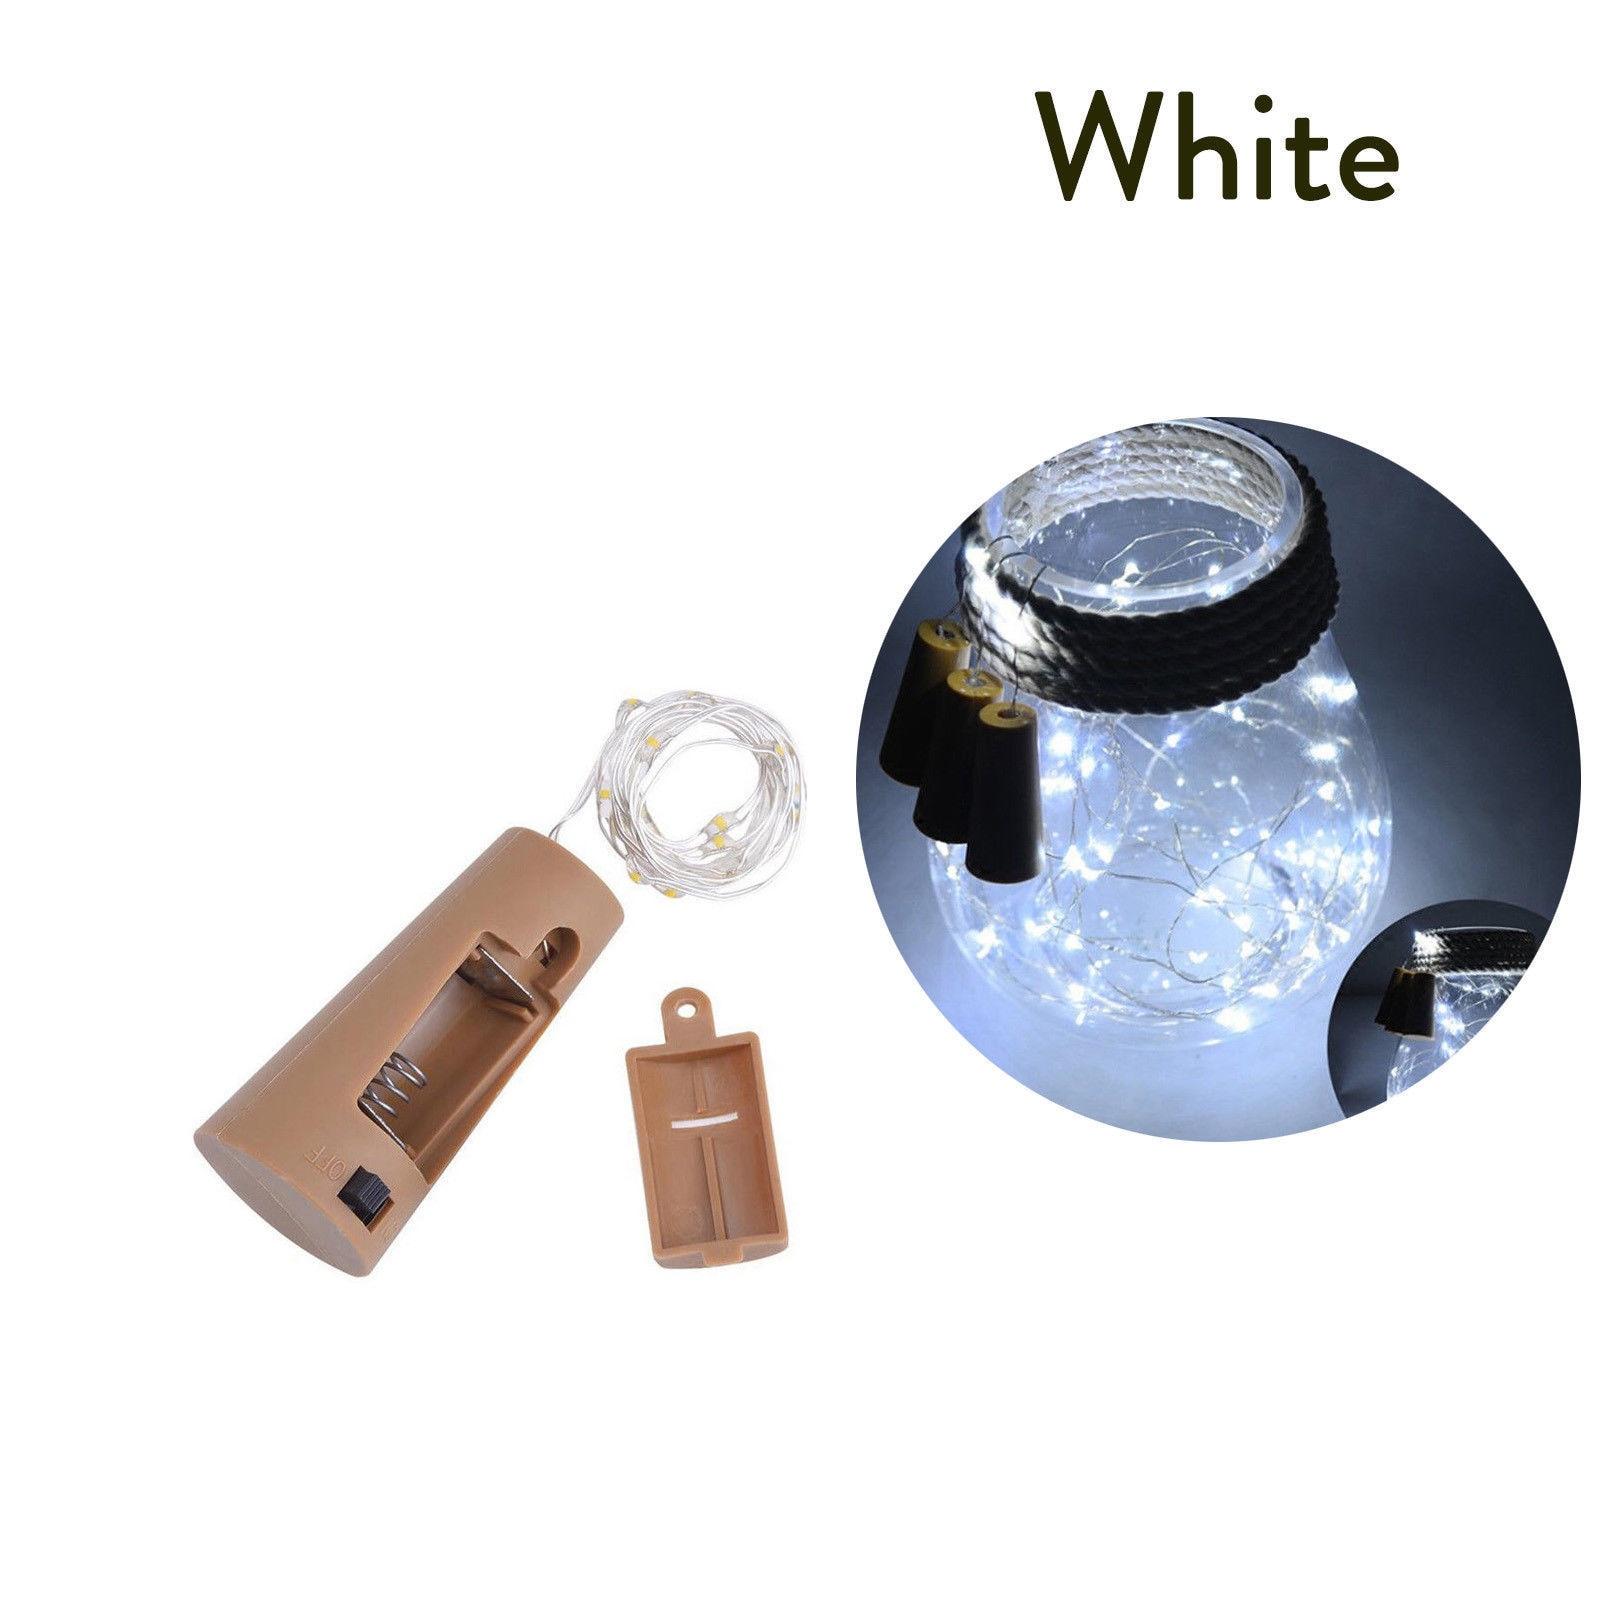 10 20 30 светодиодный s пробковый светодиодный светильник, медная проволока, праздничный уличный Сказочный светильник s для рождественской вечеринки, свадебного украшения - Испускаемый цвет: Холодный белый